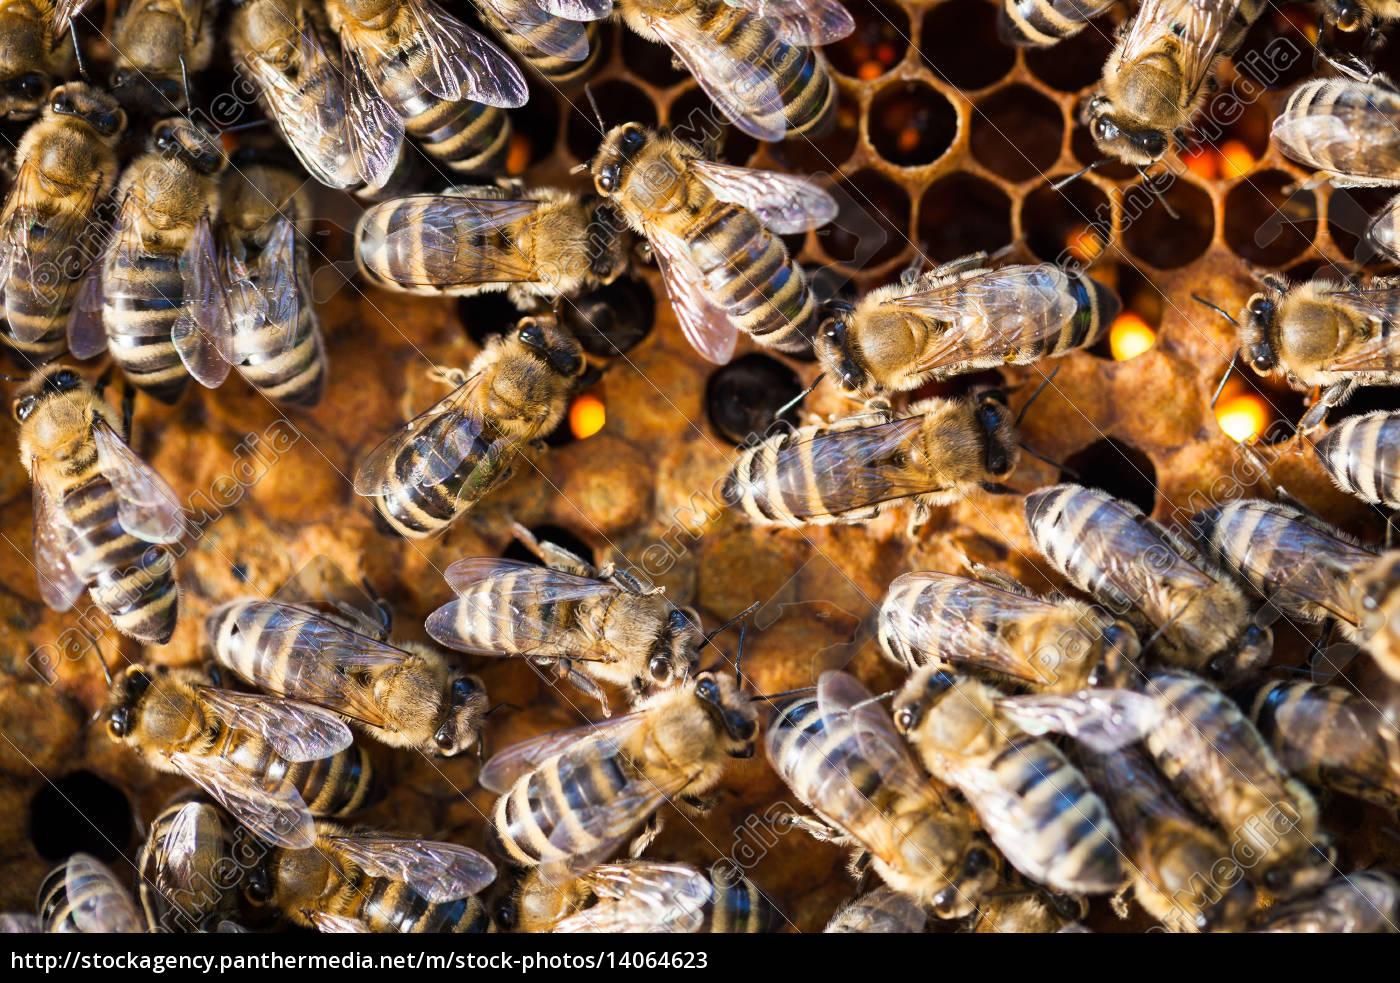 macro, shot, of, bees, swarming, on - 14064623